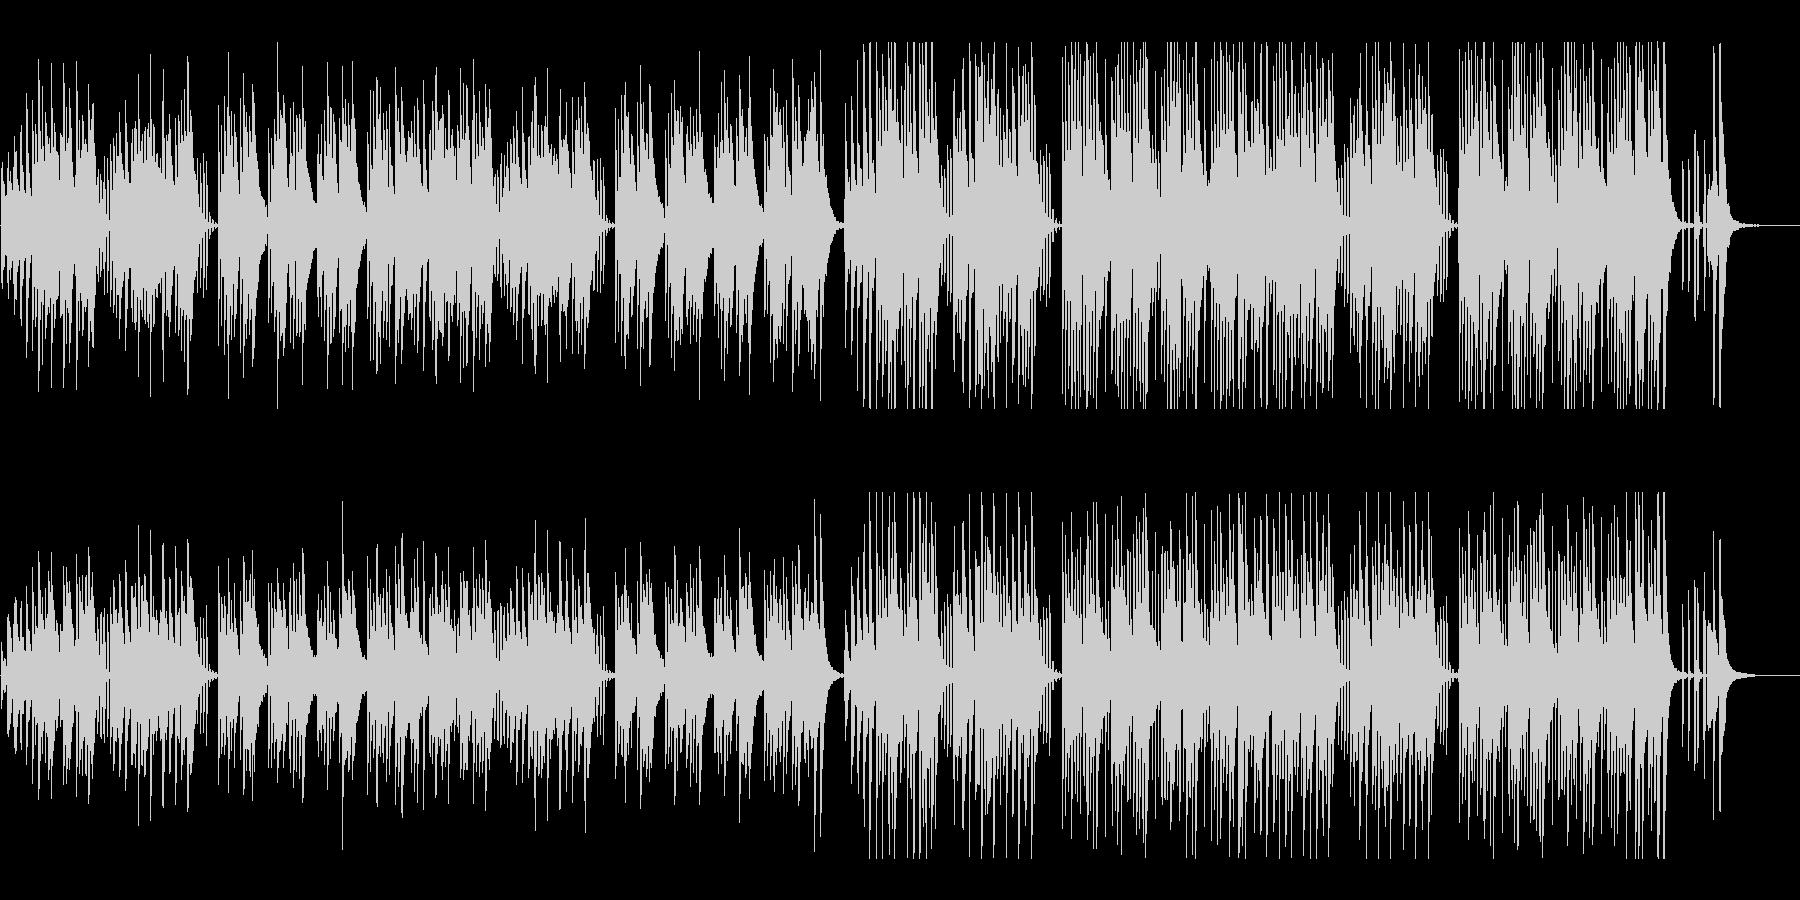 キュートでほのぼのした楽曲B:フル版の未再生の波形